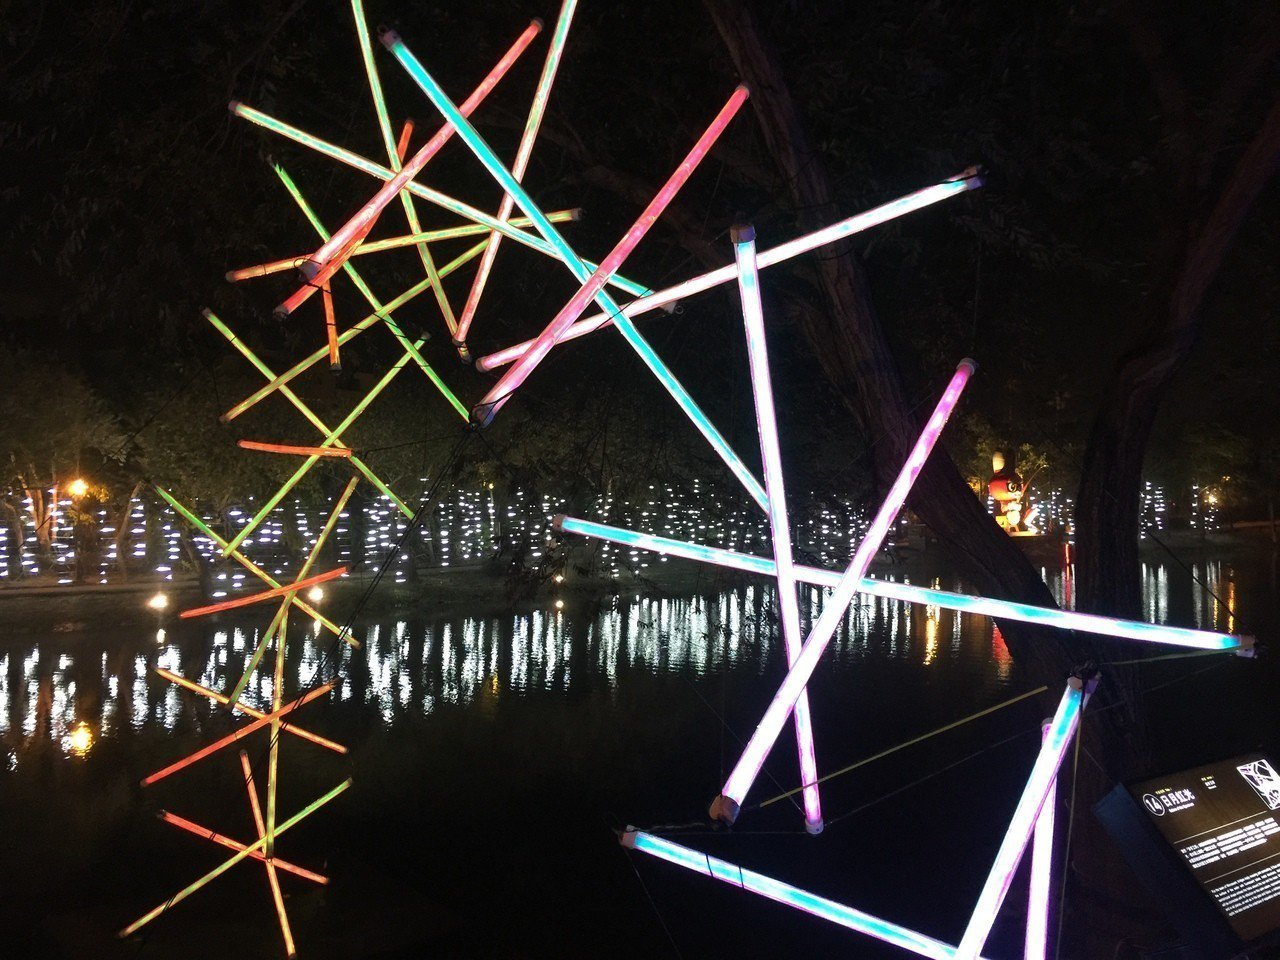 月津港燈節開幕,48組燈景千變萬化。 記者吳政修/攝影